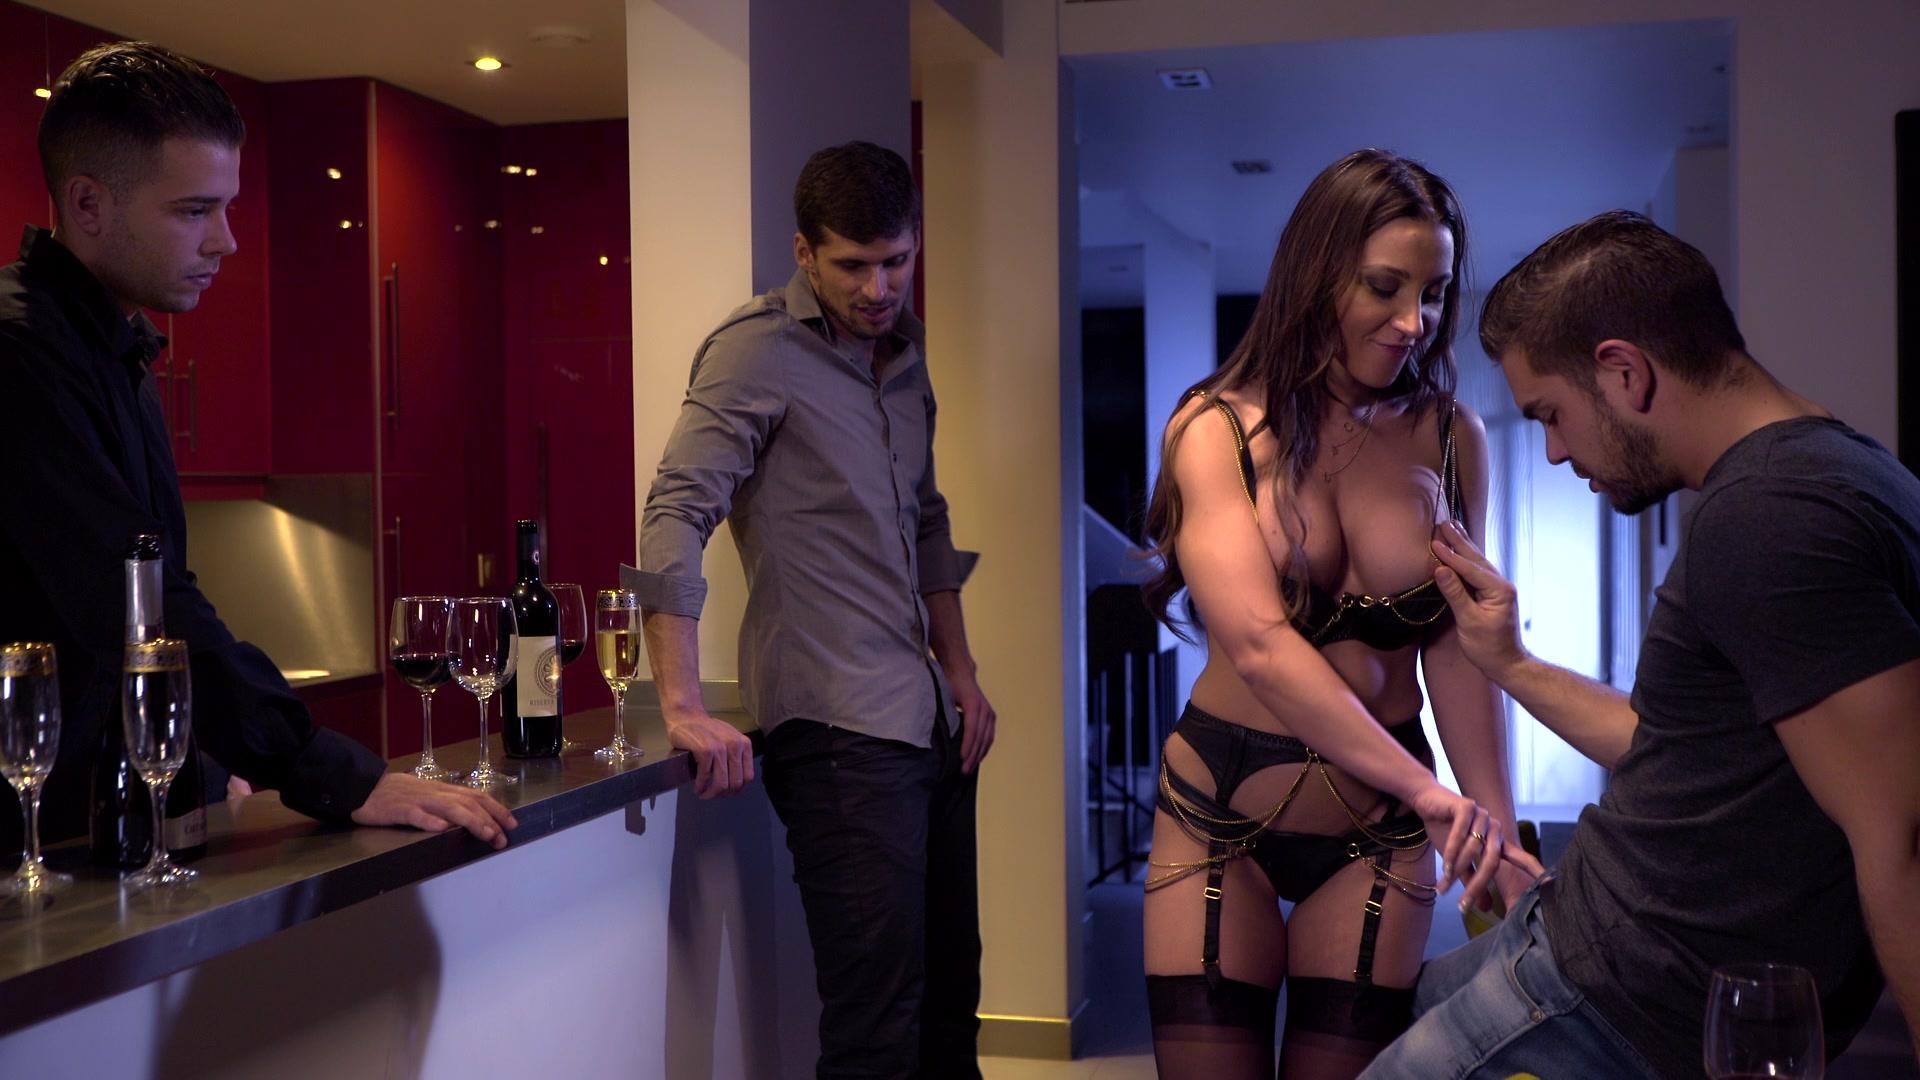 film porn francais escort bagneux